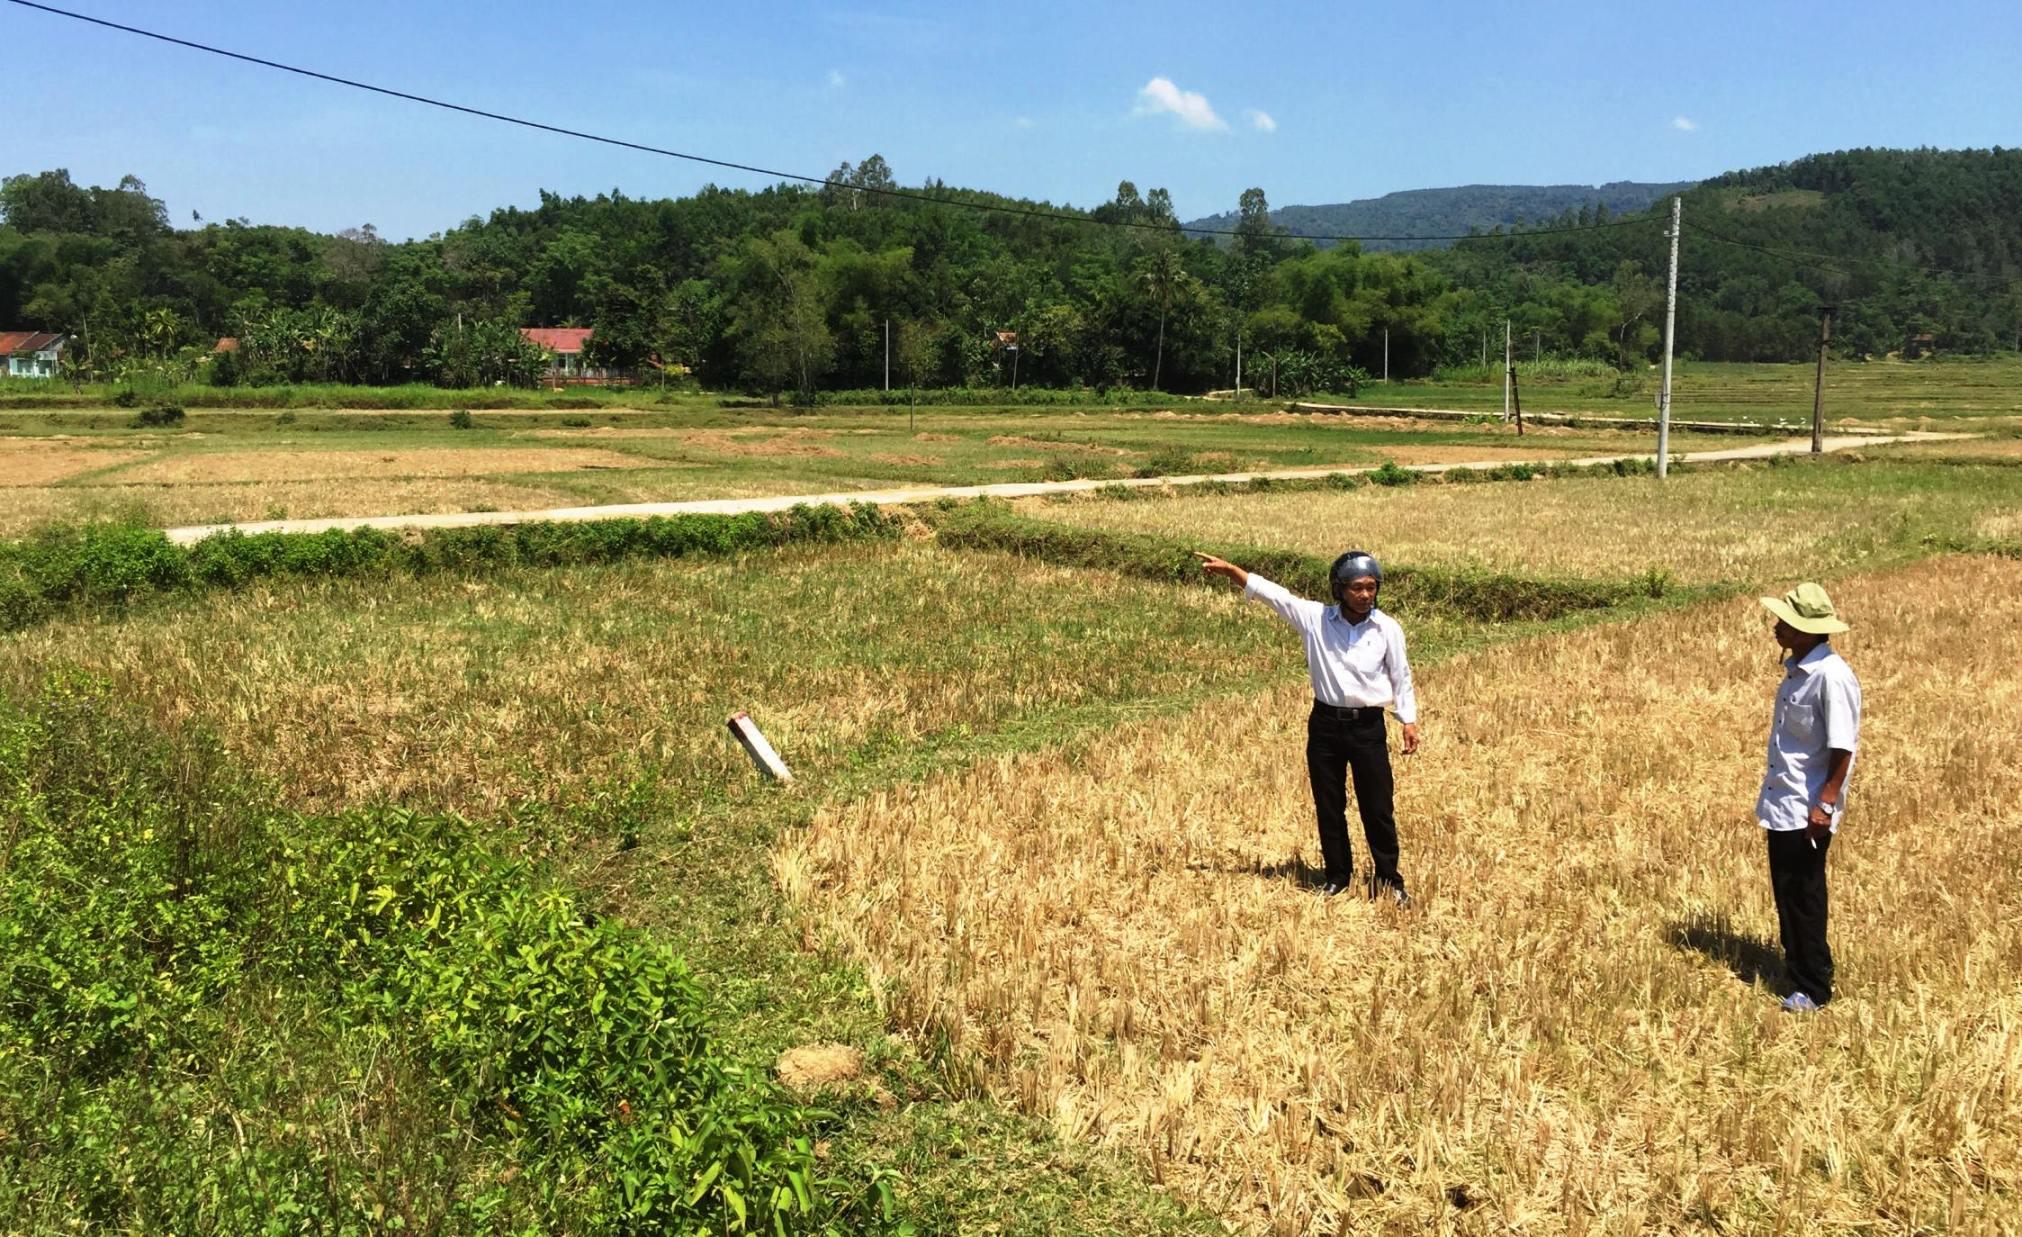 Người dân cho rằng, bỏ hoang 60ha đất canh tác trong vụ hè thu là lãng phí. Ảnh: PHAN VINH